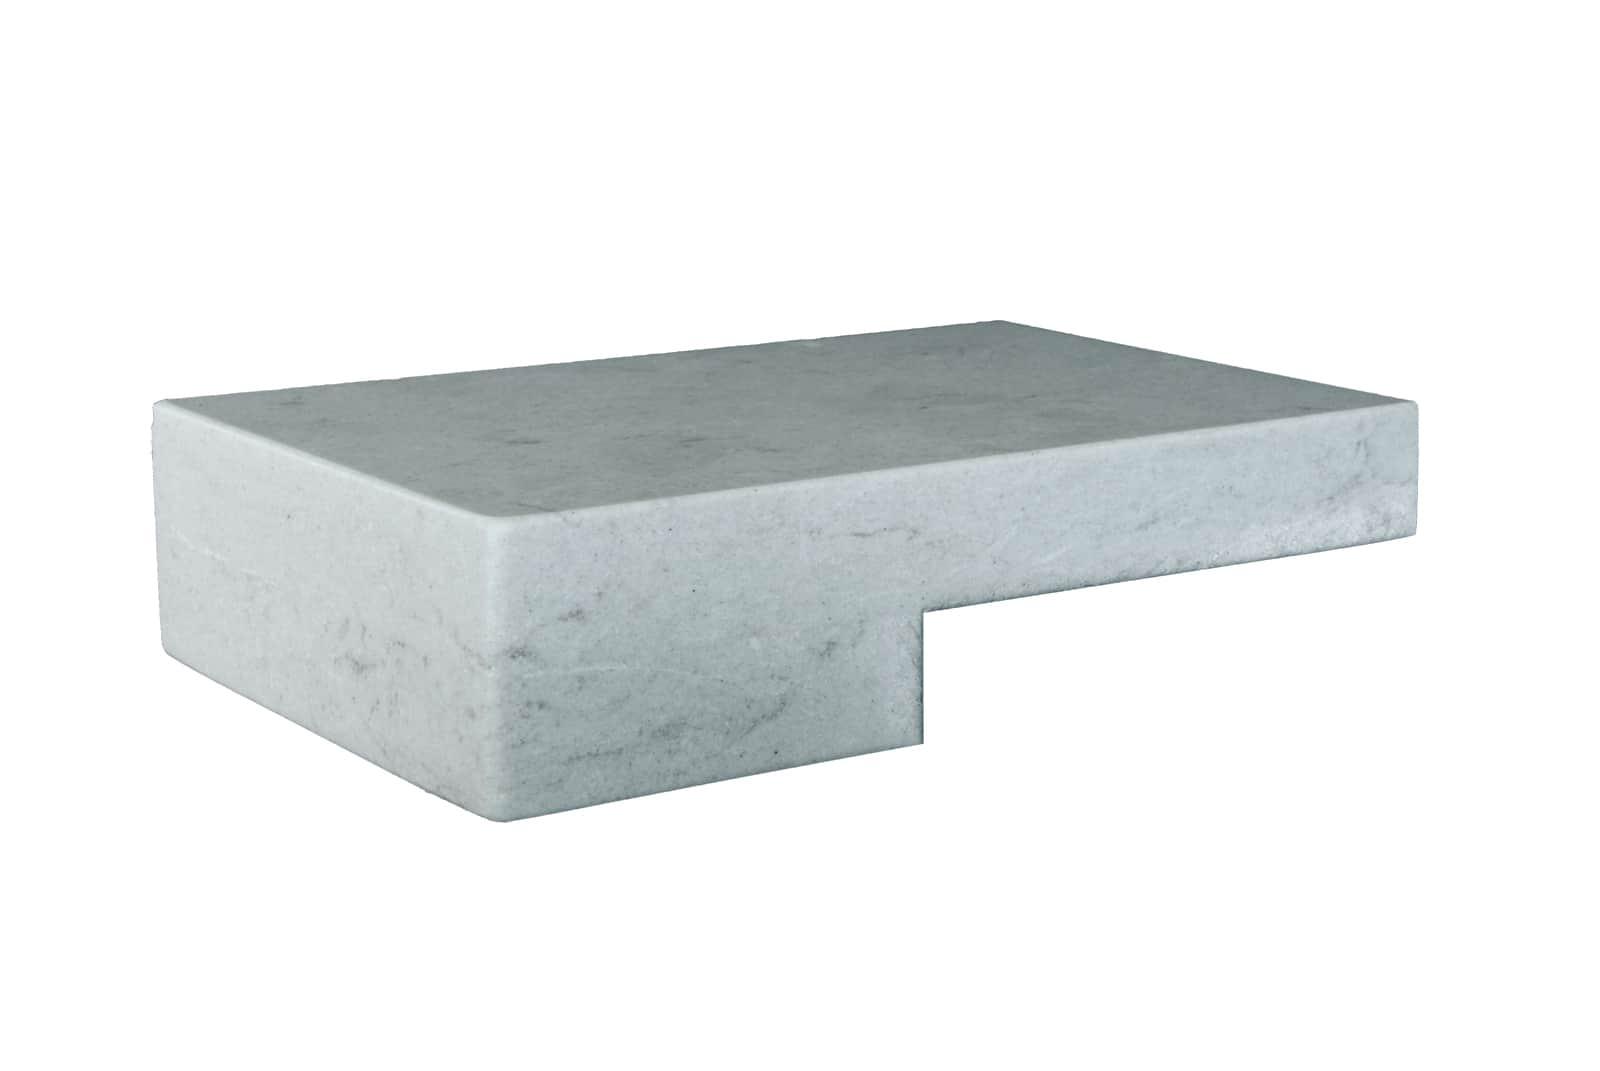 artistic-granite-designs-edges-fabrications-1_5-square-edge-6082